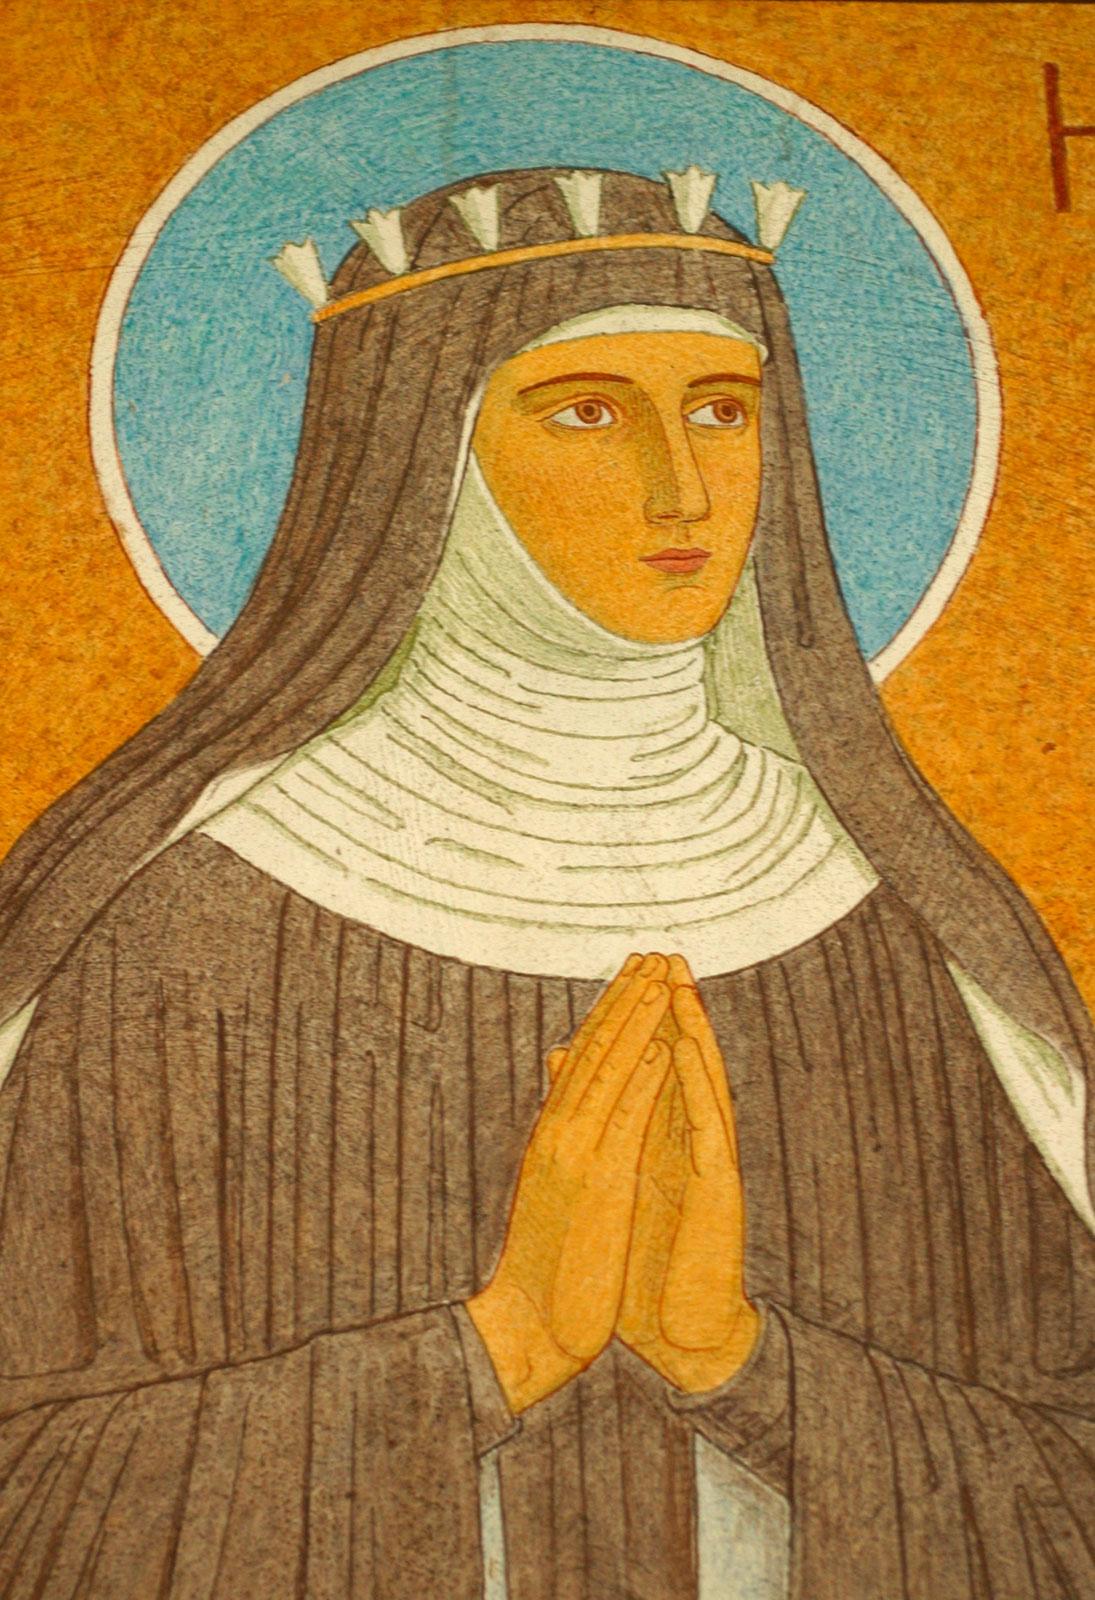 Retrato de Hildegard von Bingen